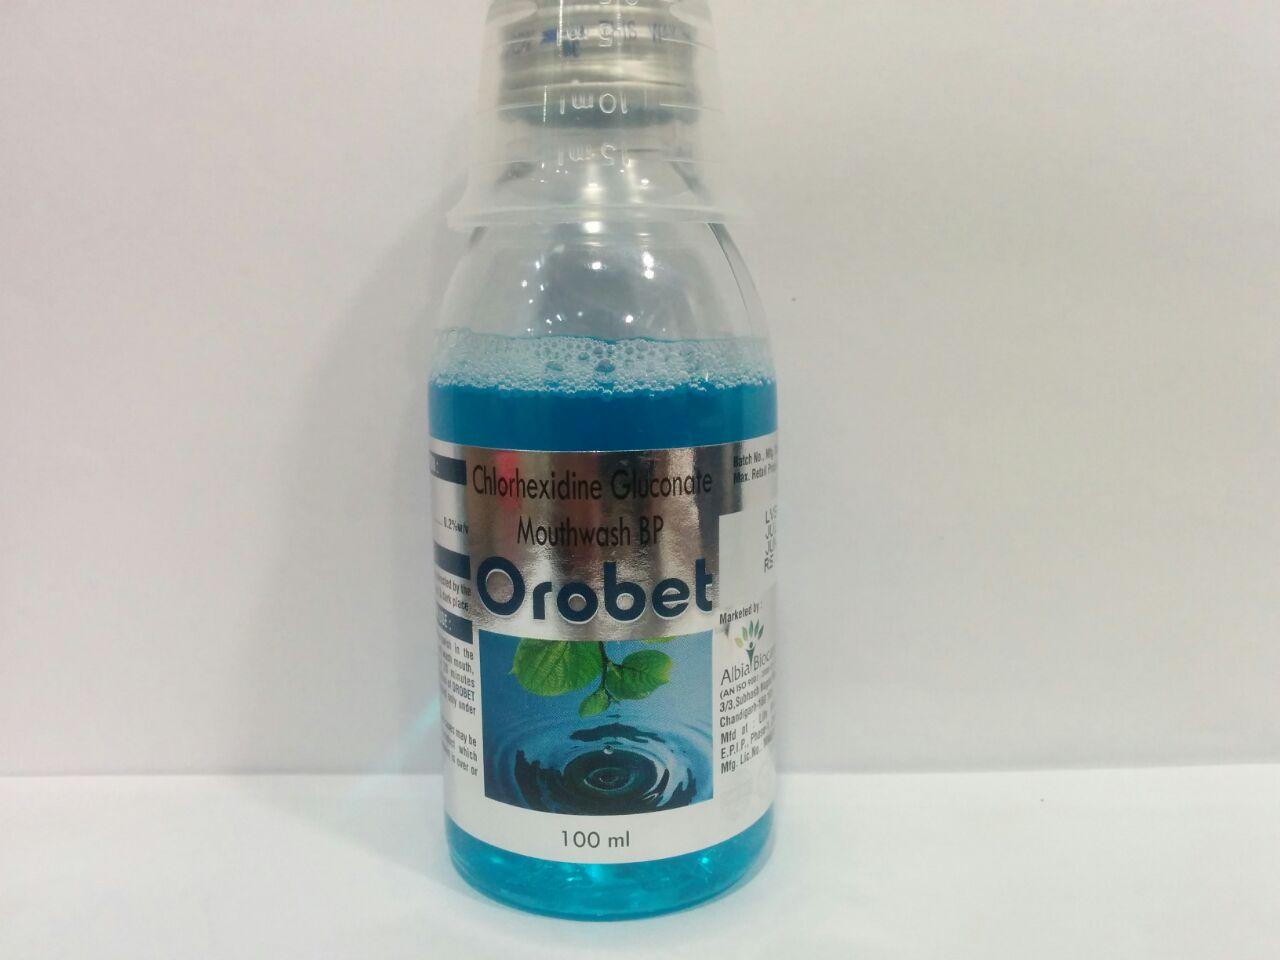 OROBET MOUTHWASH | Chlorhexidine Gluconate 0.2%